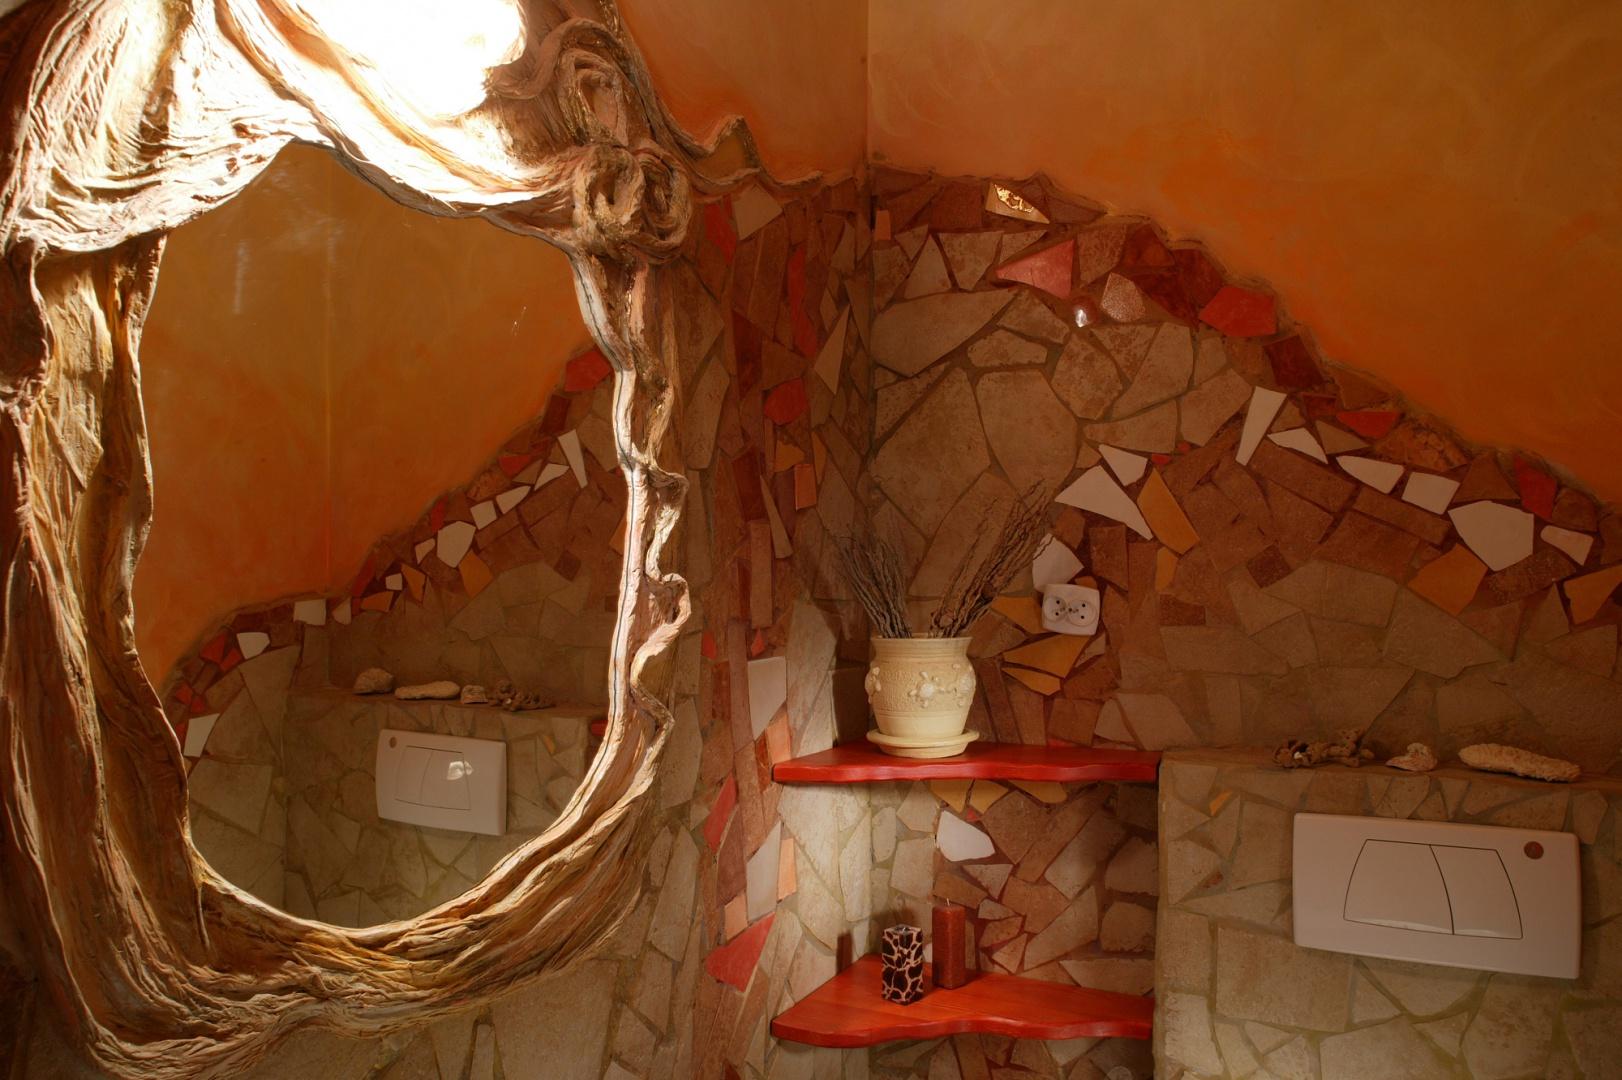 Lustro nad umywalką jest wykonane z tkaniny usztywnionej gipsem, a następnie zaimpregnowanej i pomalowanej. W zwoje na górze wmontowano lampkę. Fot. Tomek Markowski.